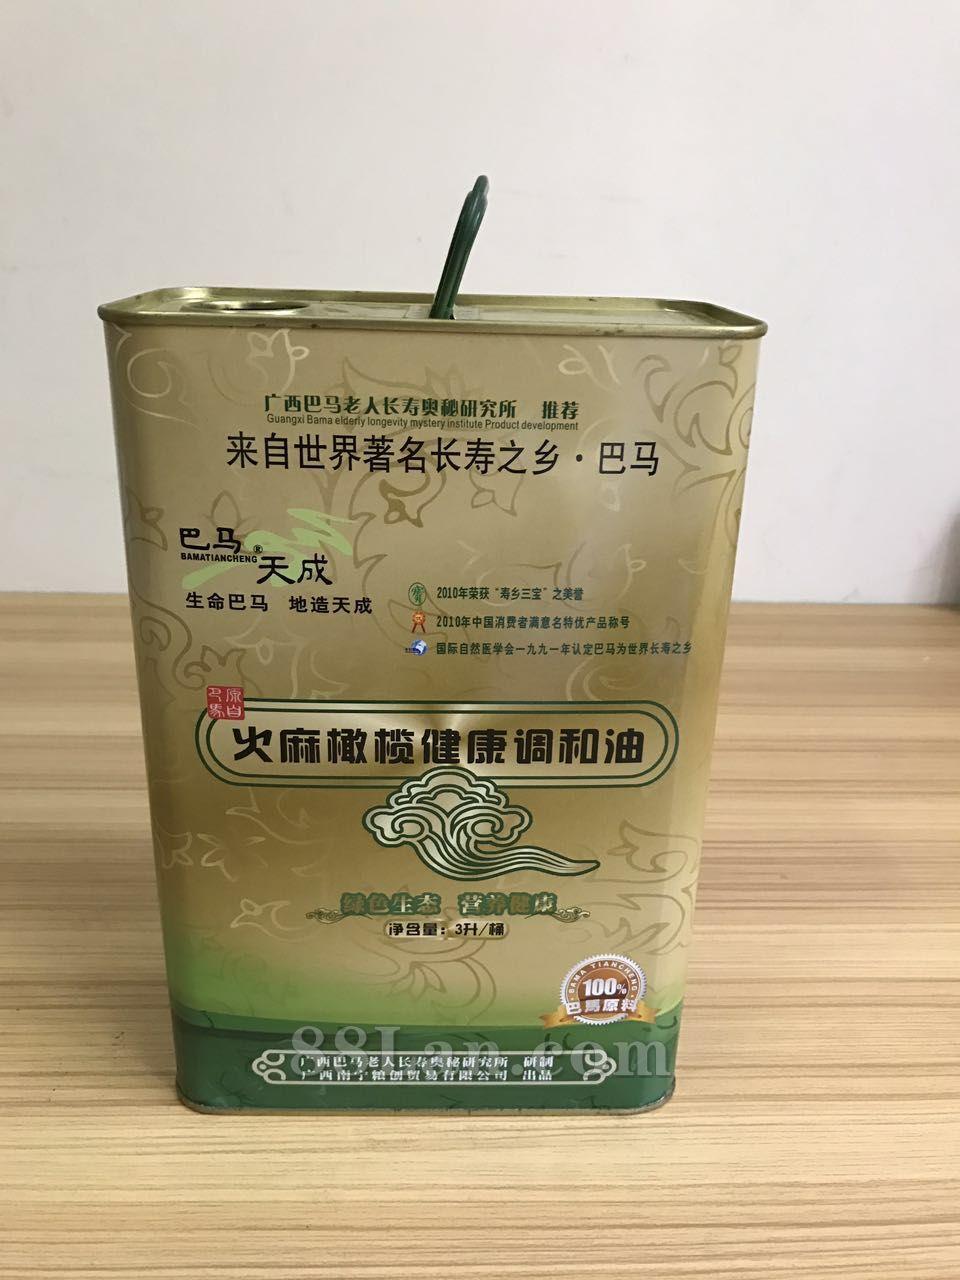 火麻橄榄健康调和油3L